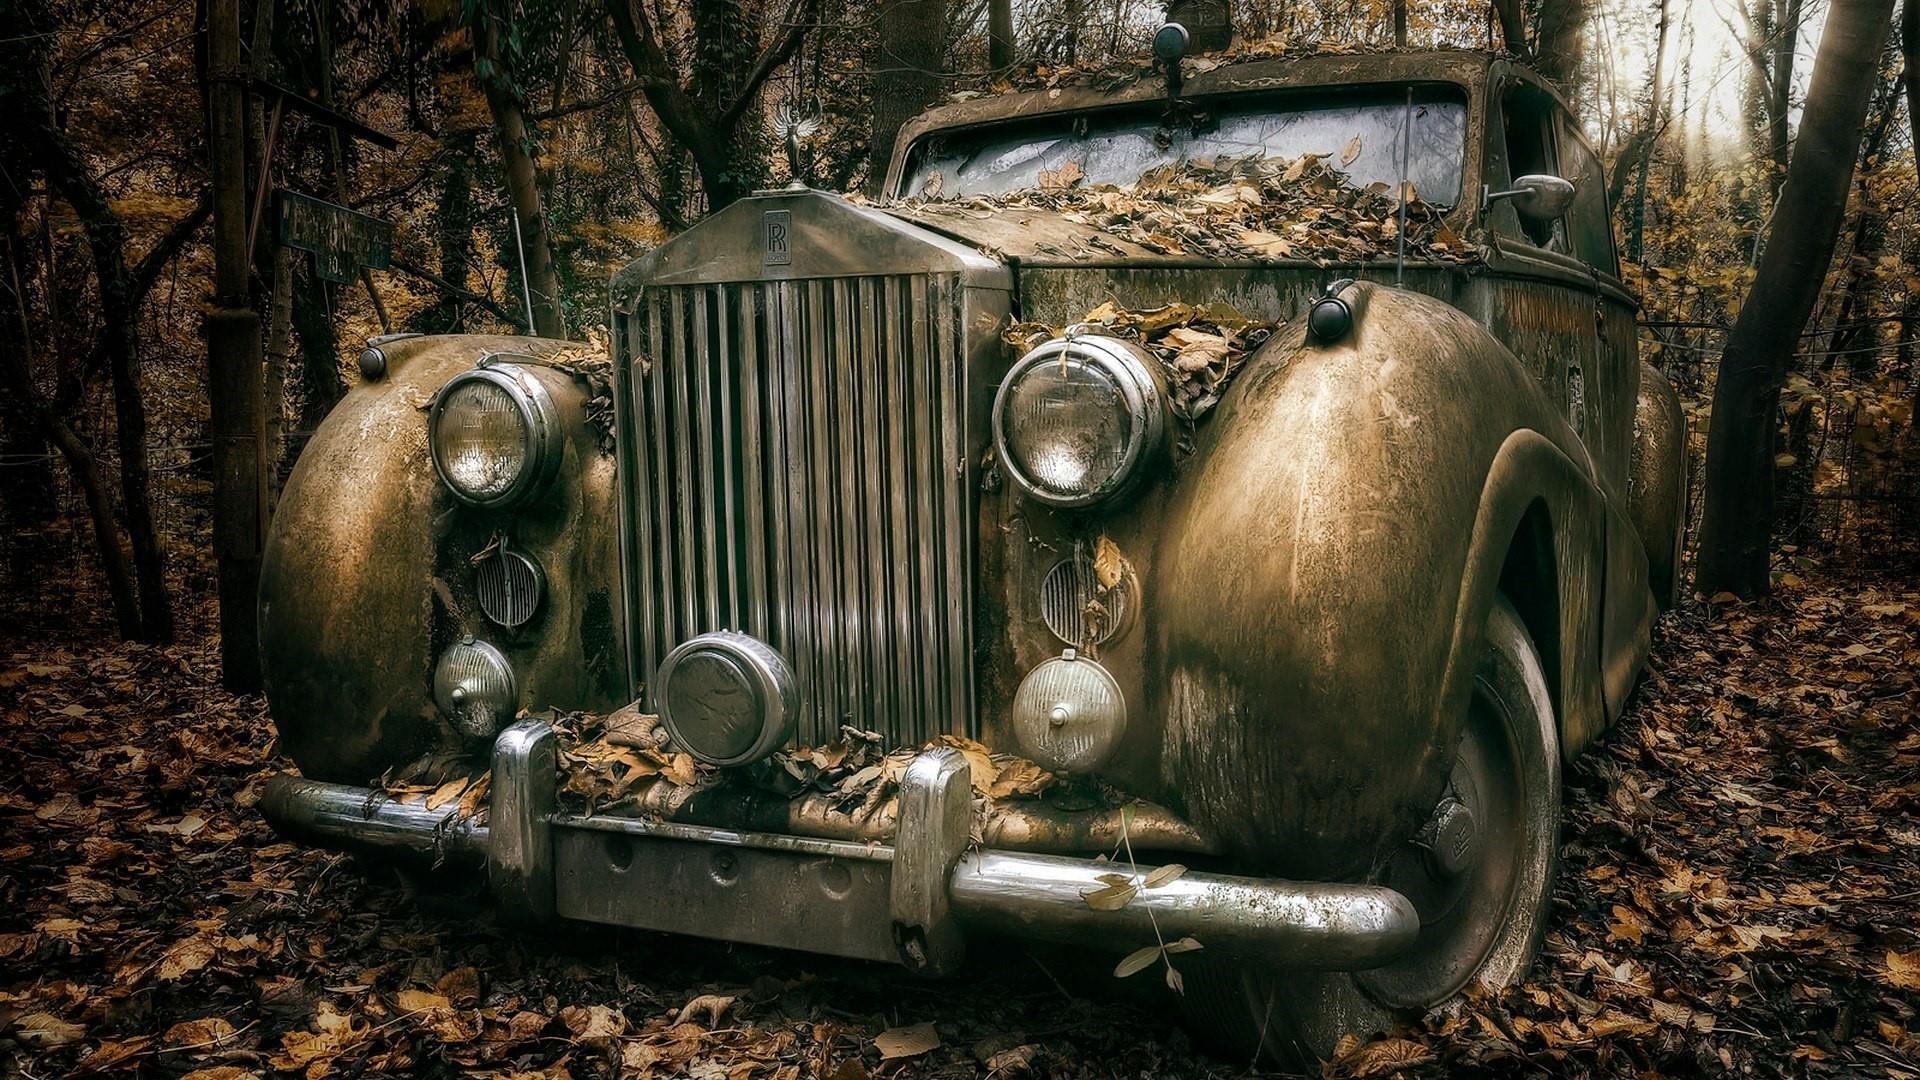 Res: 1920x1080, Old Car Wallpaper HD 14 - 1920 X 1080